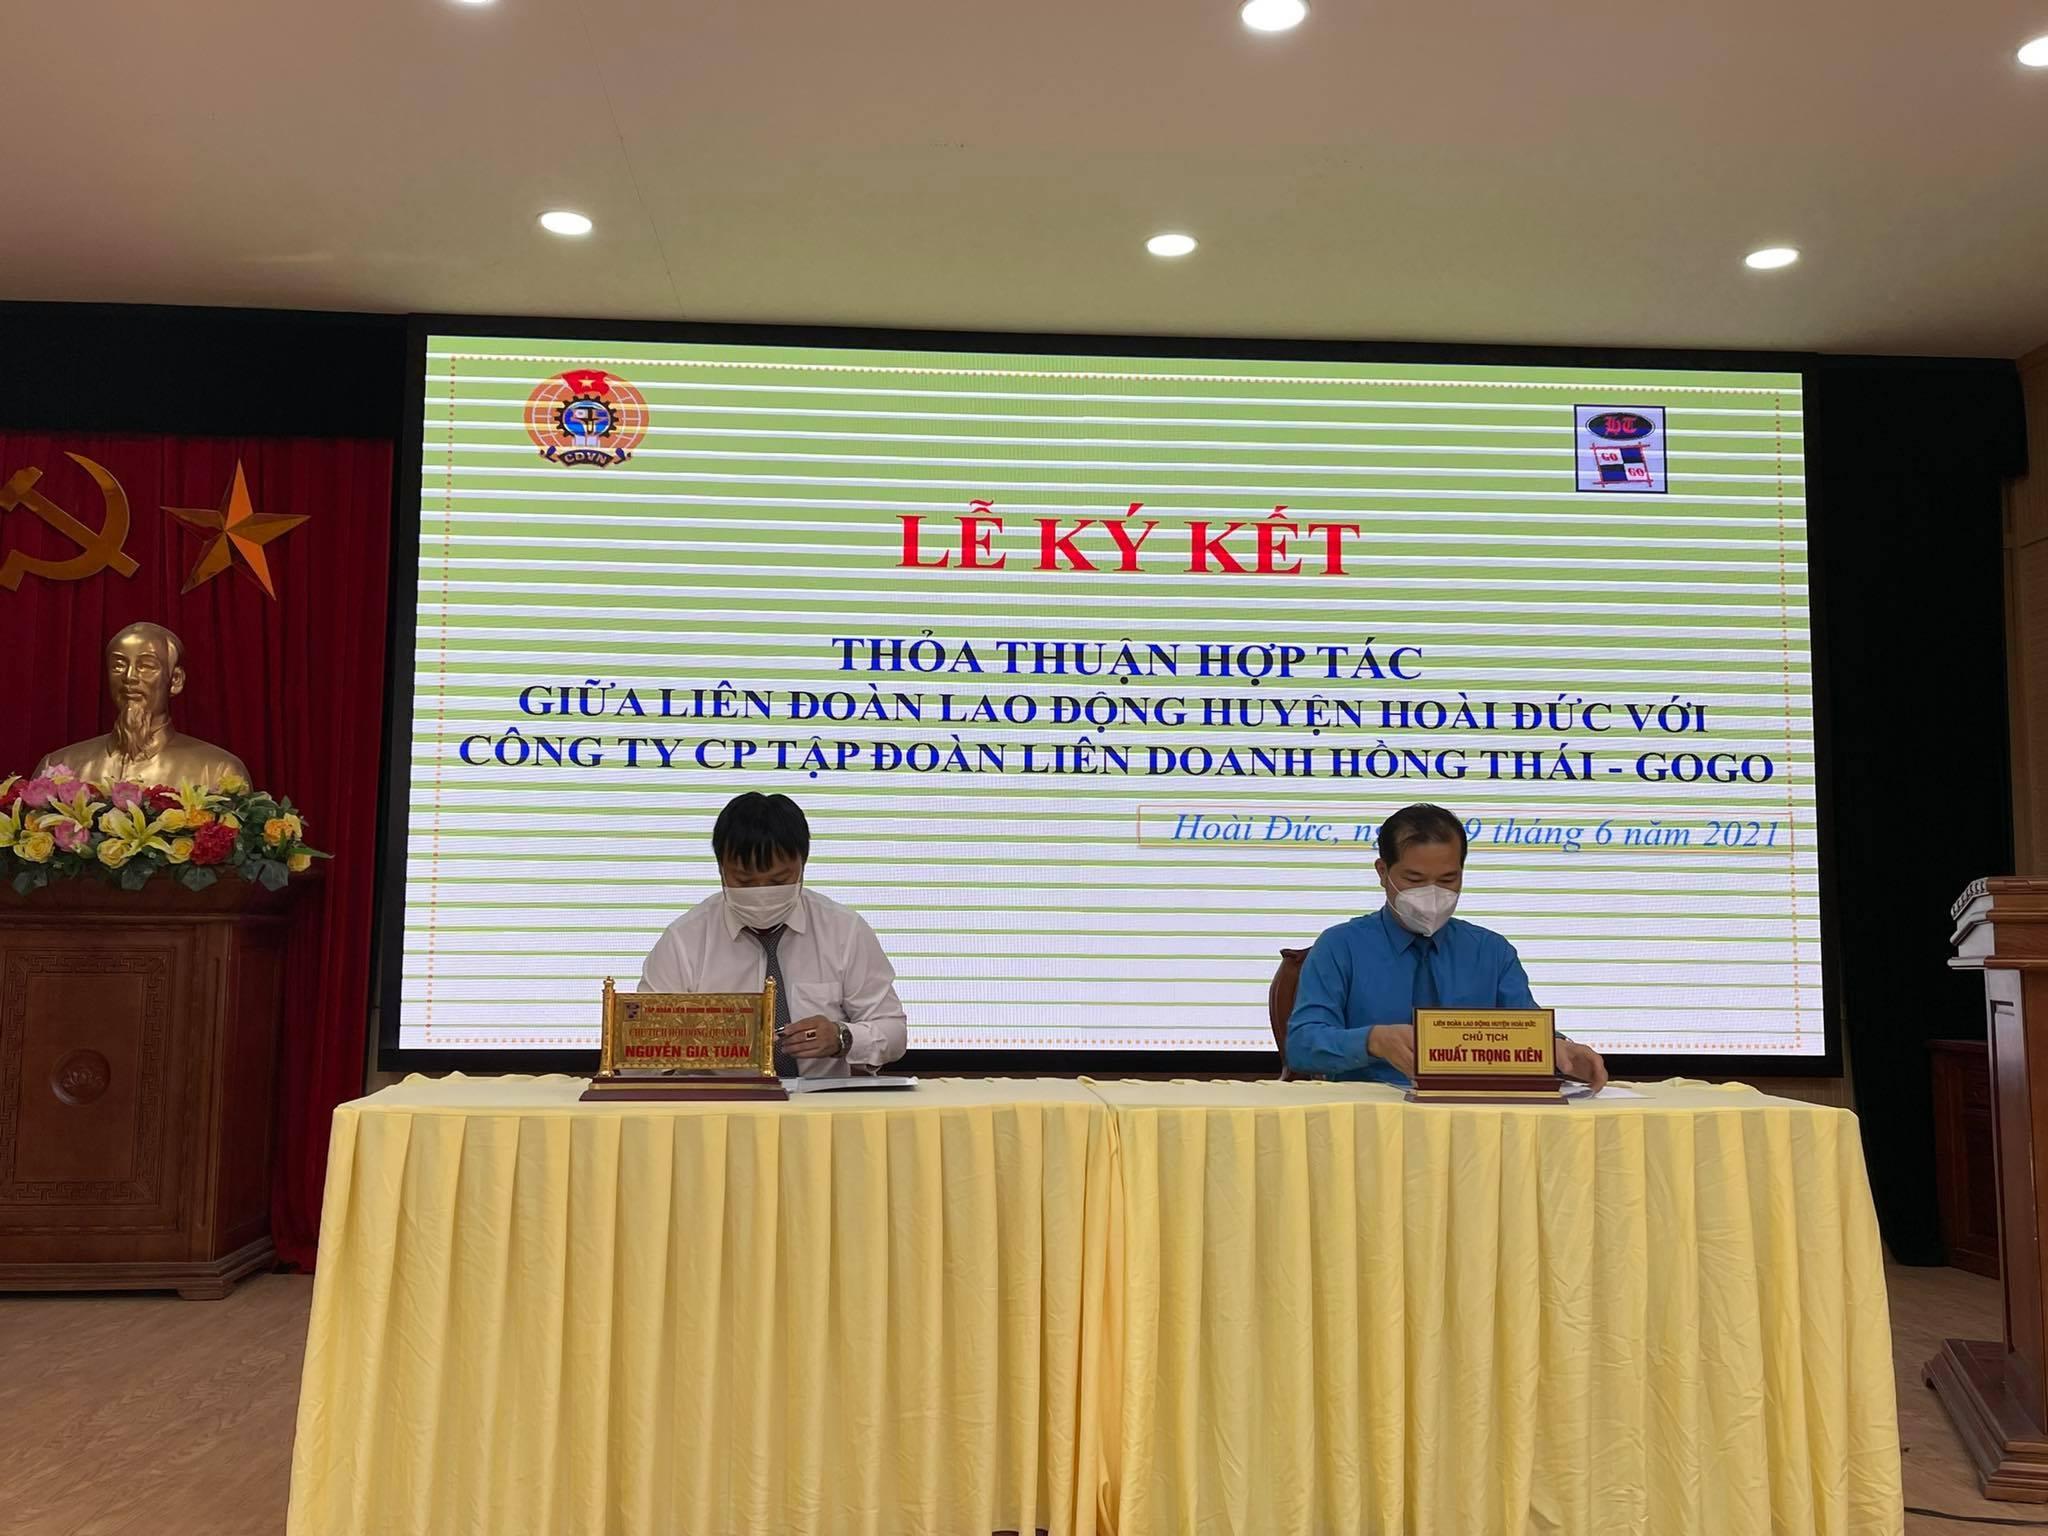 Liên đoàn Lao động huyện Hoài Đức ký kết Chương trình phúc lợi cho đoàn viên